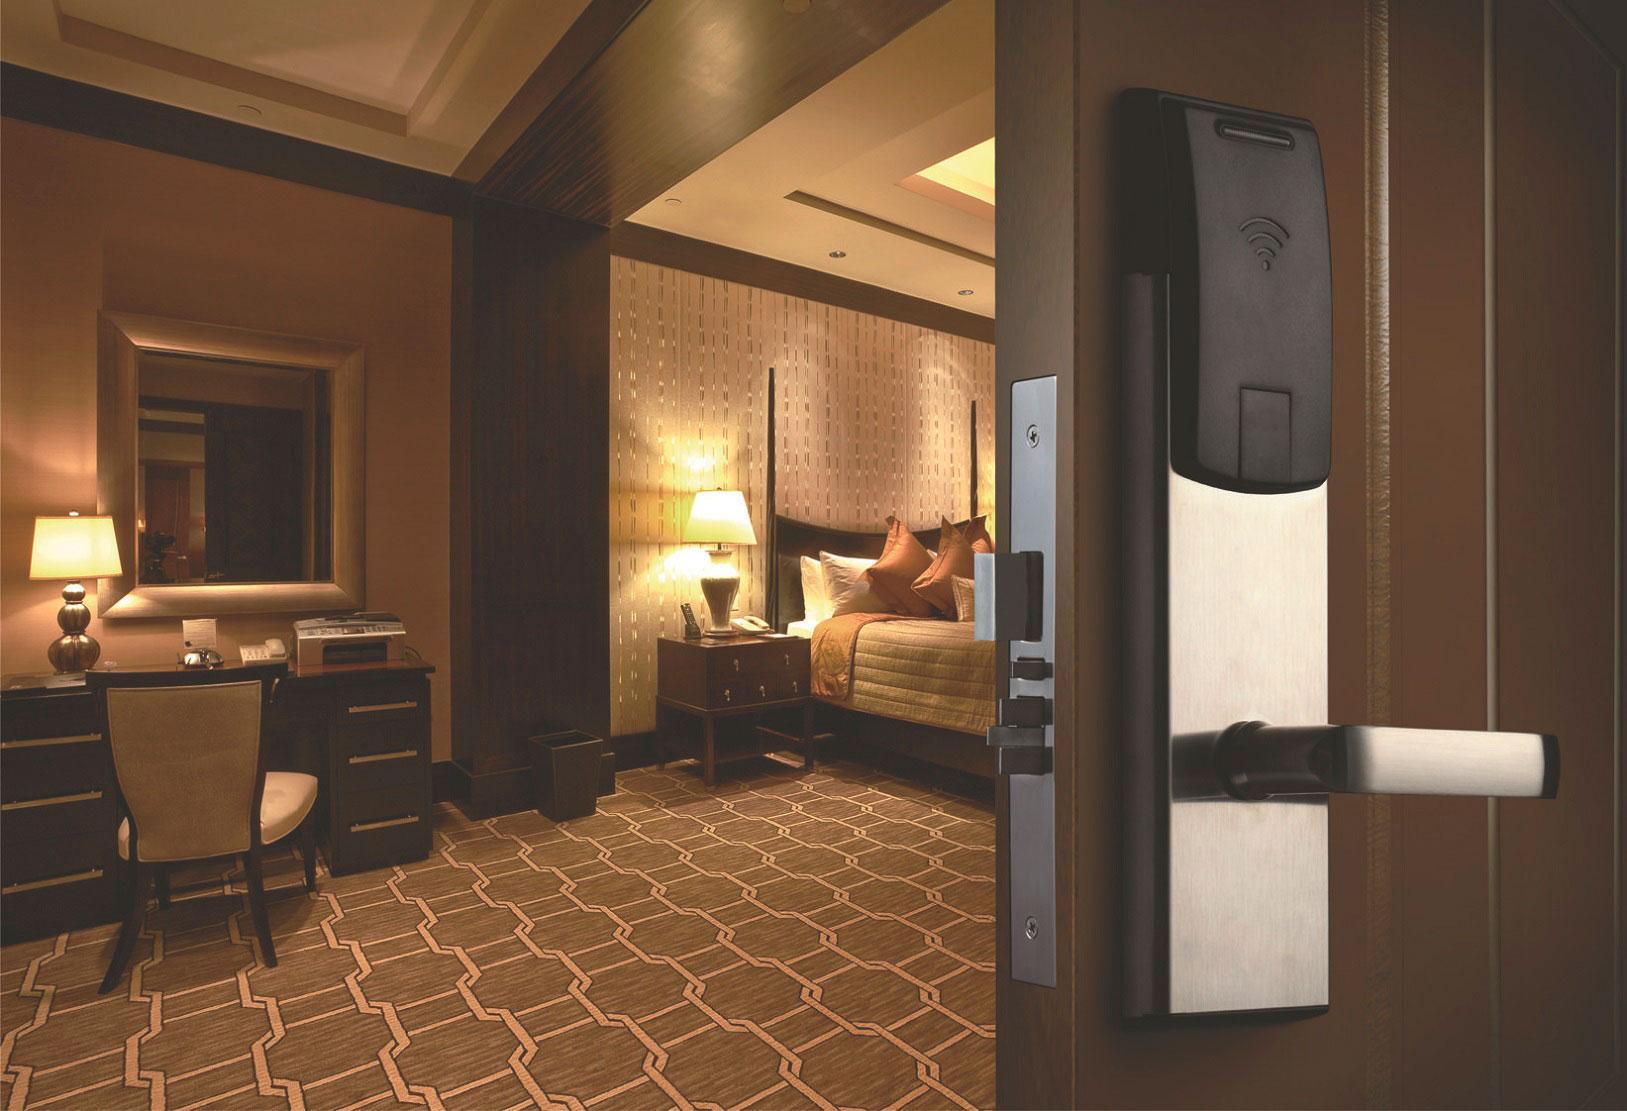 система контроля и управления доступом для гостиниц